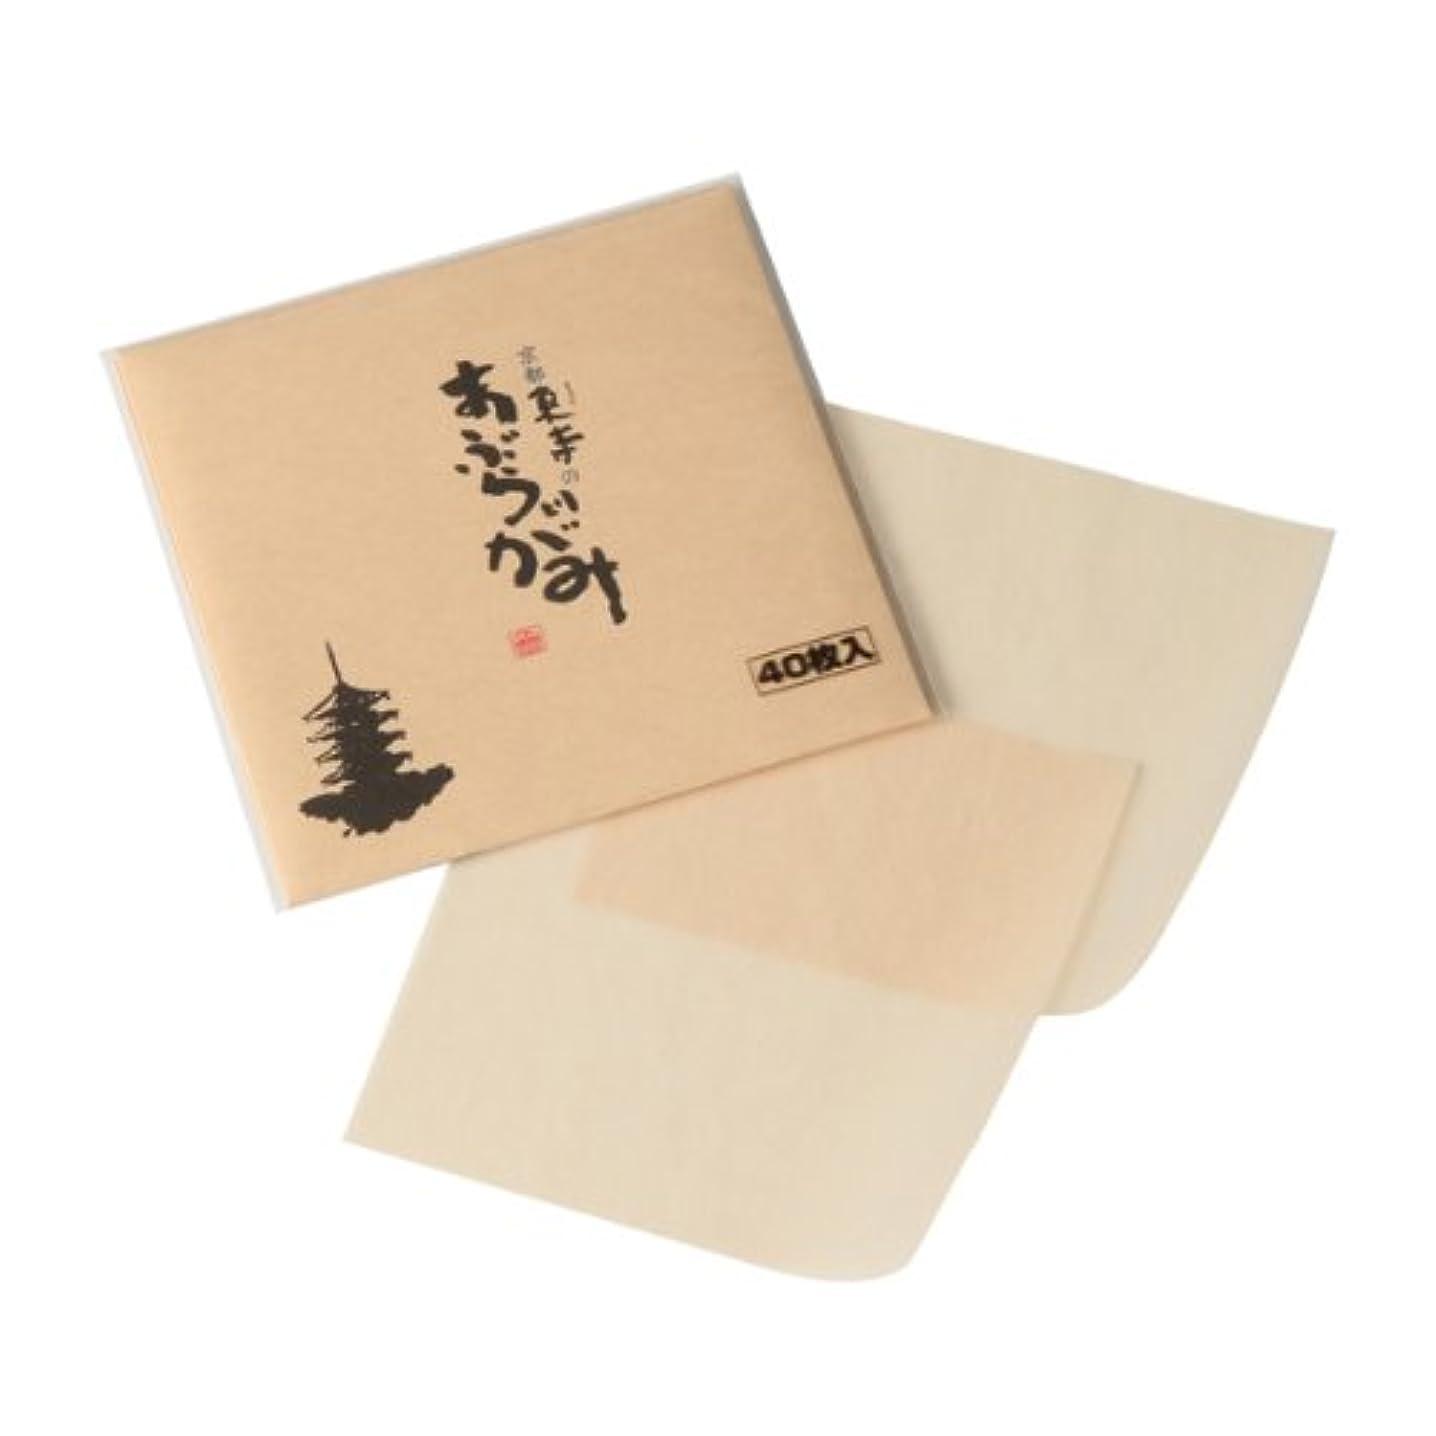 奨励します手錠高齢者京都東寺のあぶらとりがみ レギュラーサイズ 40枚入